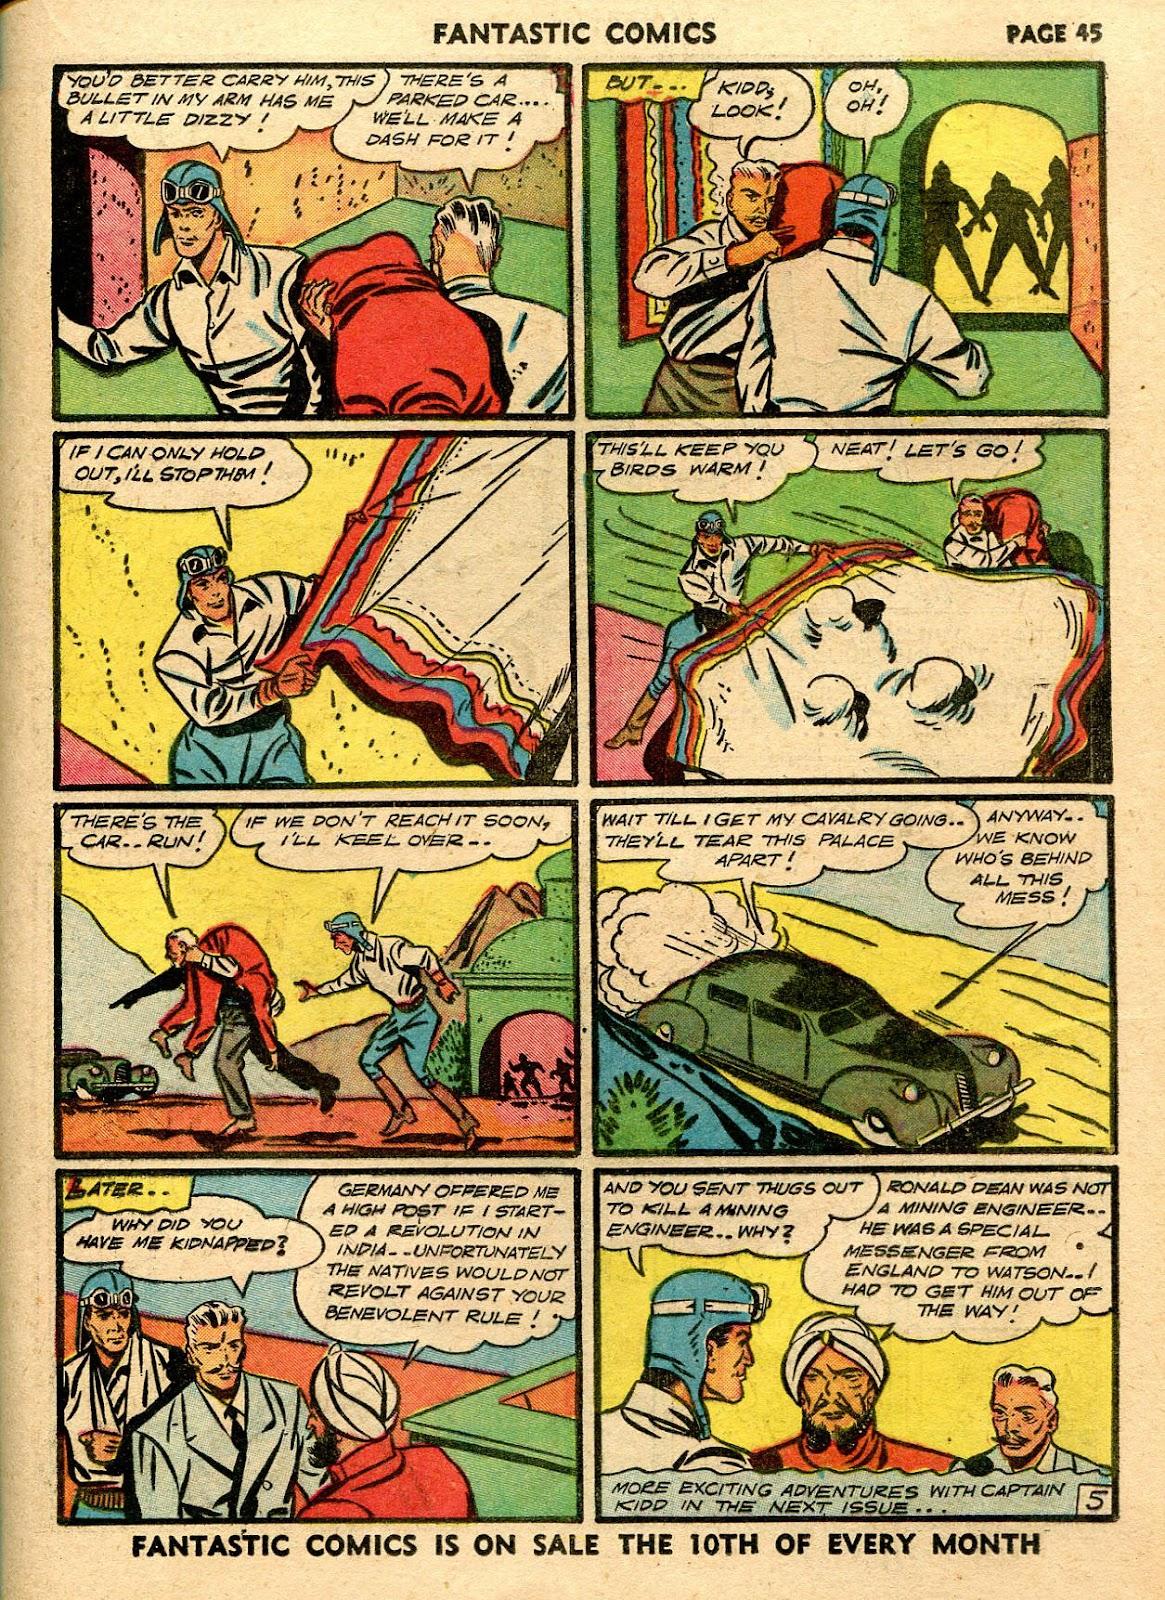 Read online Fantastic Comics comic -  Issue #21 - 43